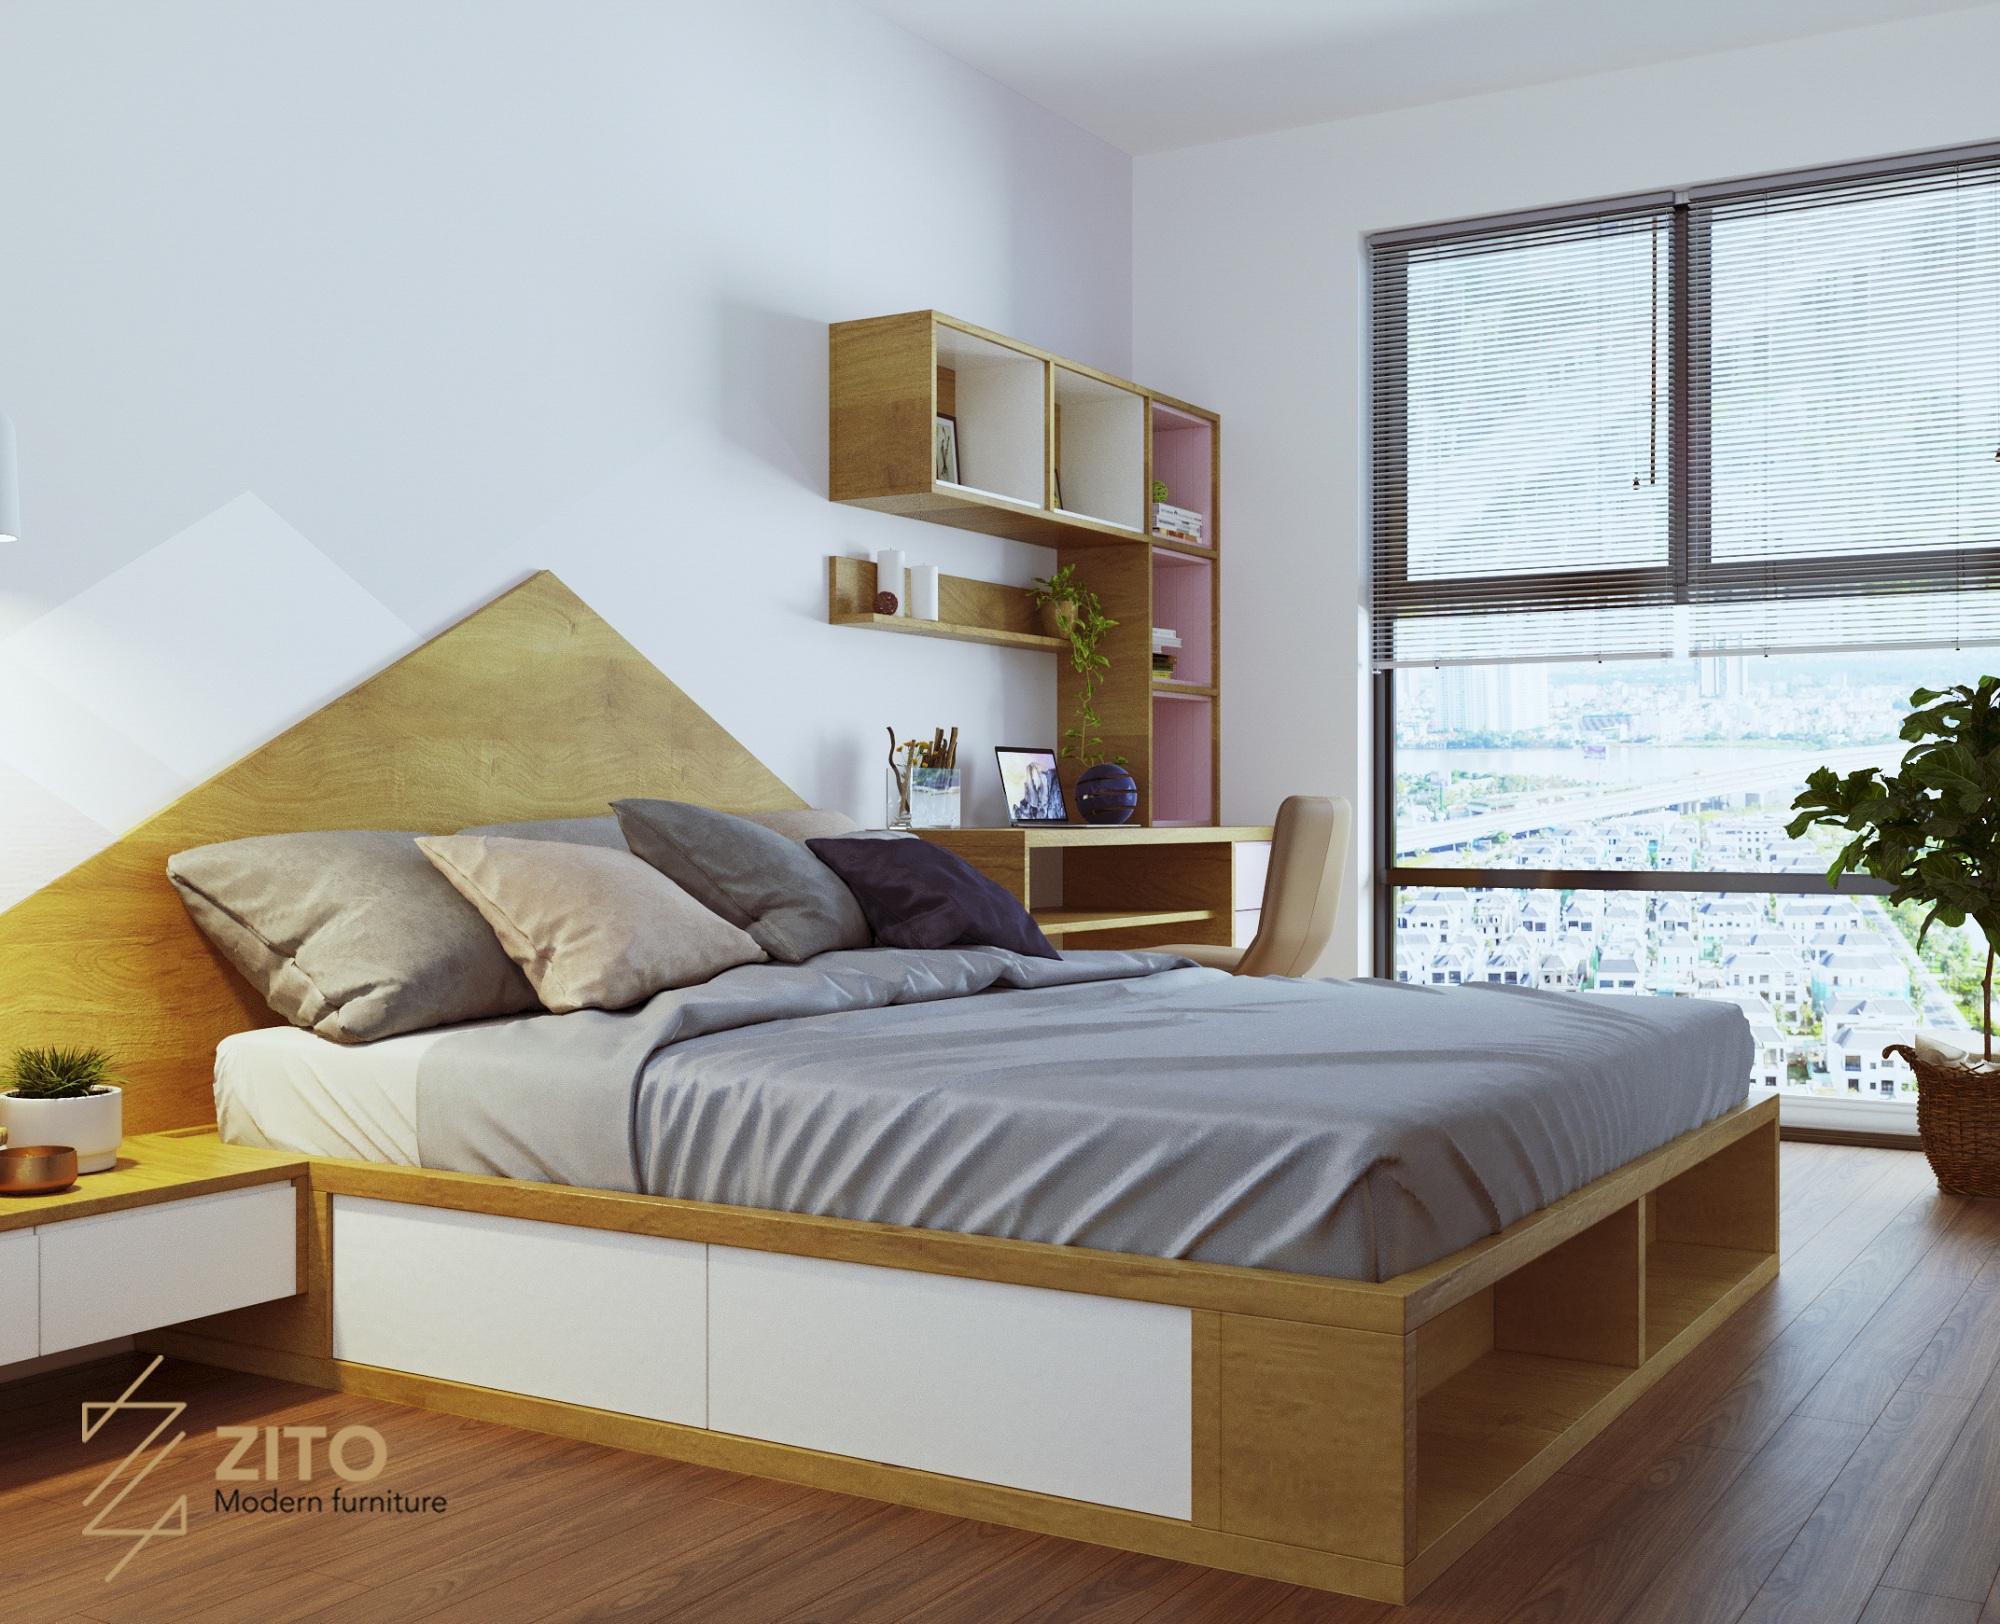 giá nội thất 3 phòng ngủ